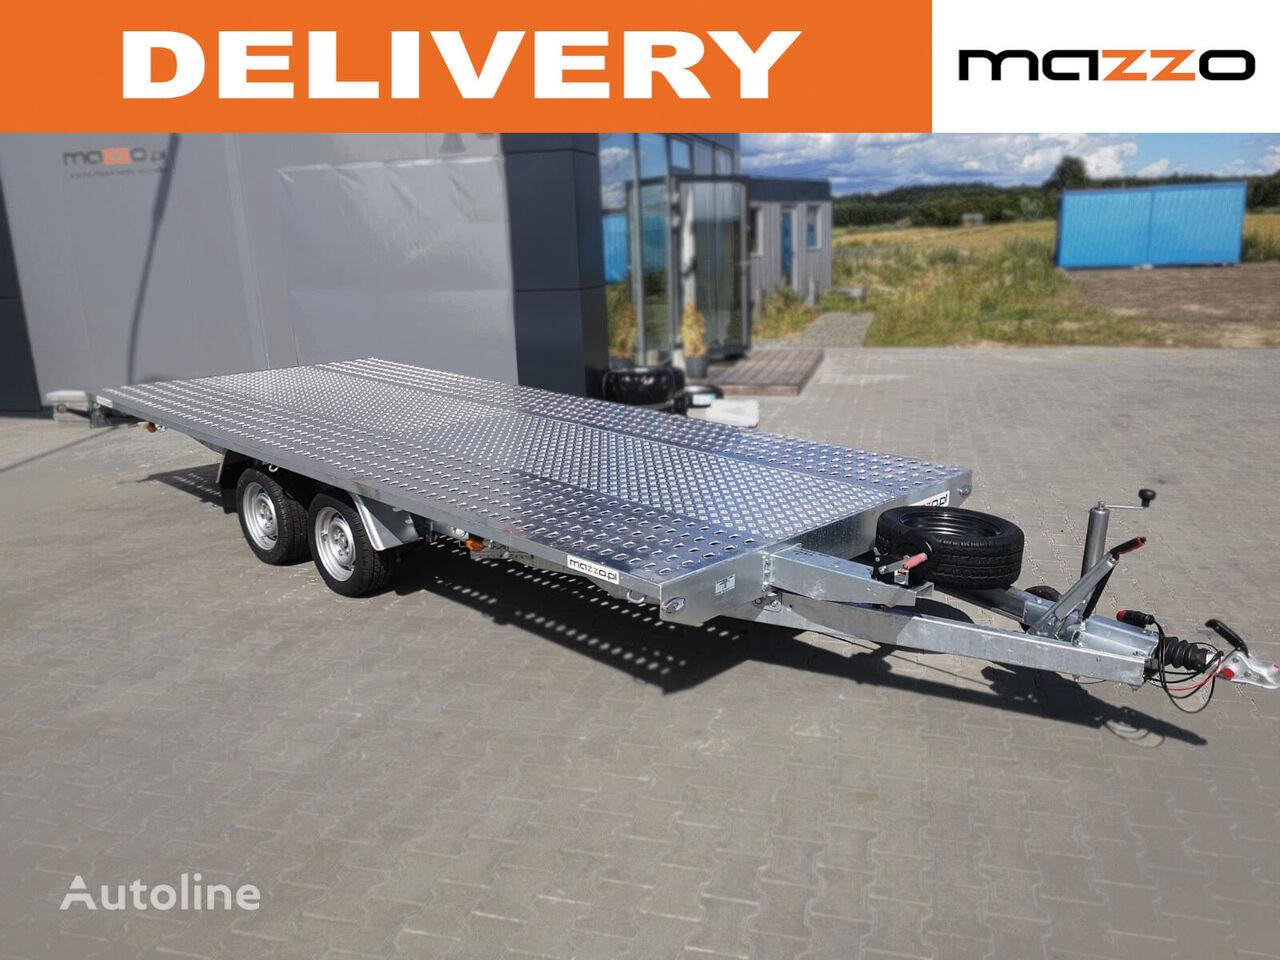 remorcă transport auto M4027 400x210cm 2700kg platform nou